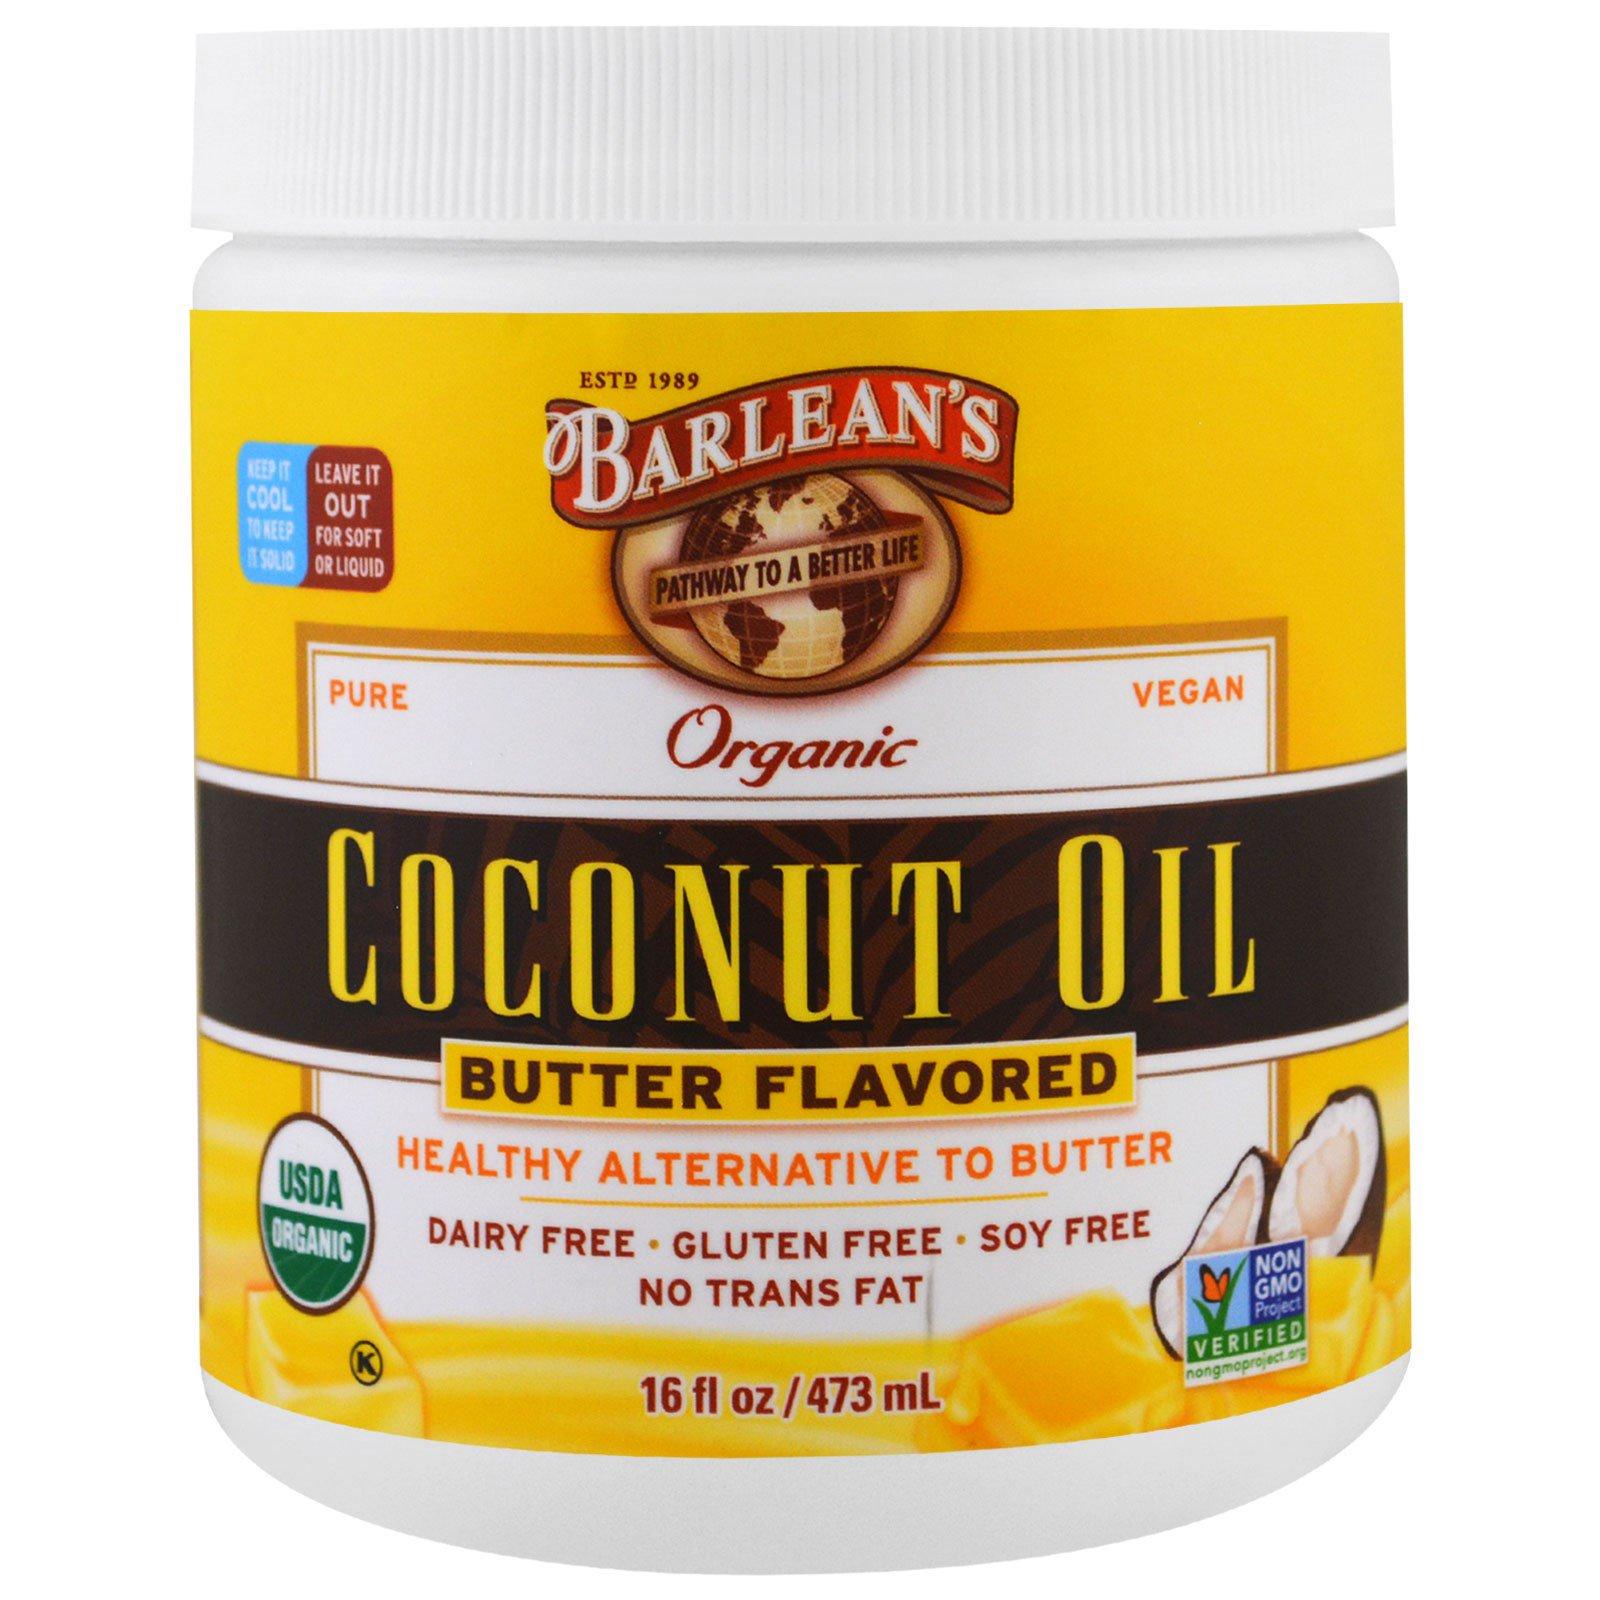 Barlean's, Органическое кокосовое масло, с ароматом сливочного масла, 473 мл (16 fl oz)